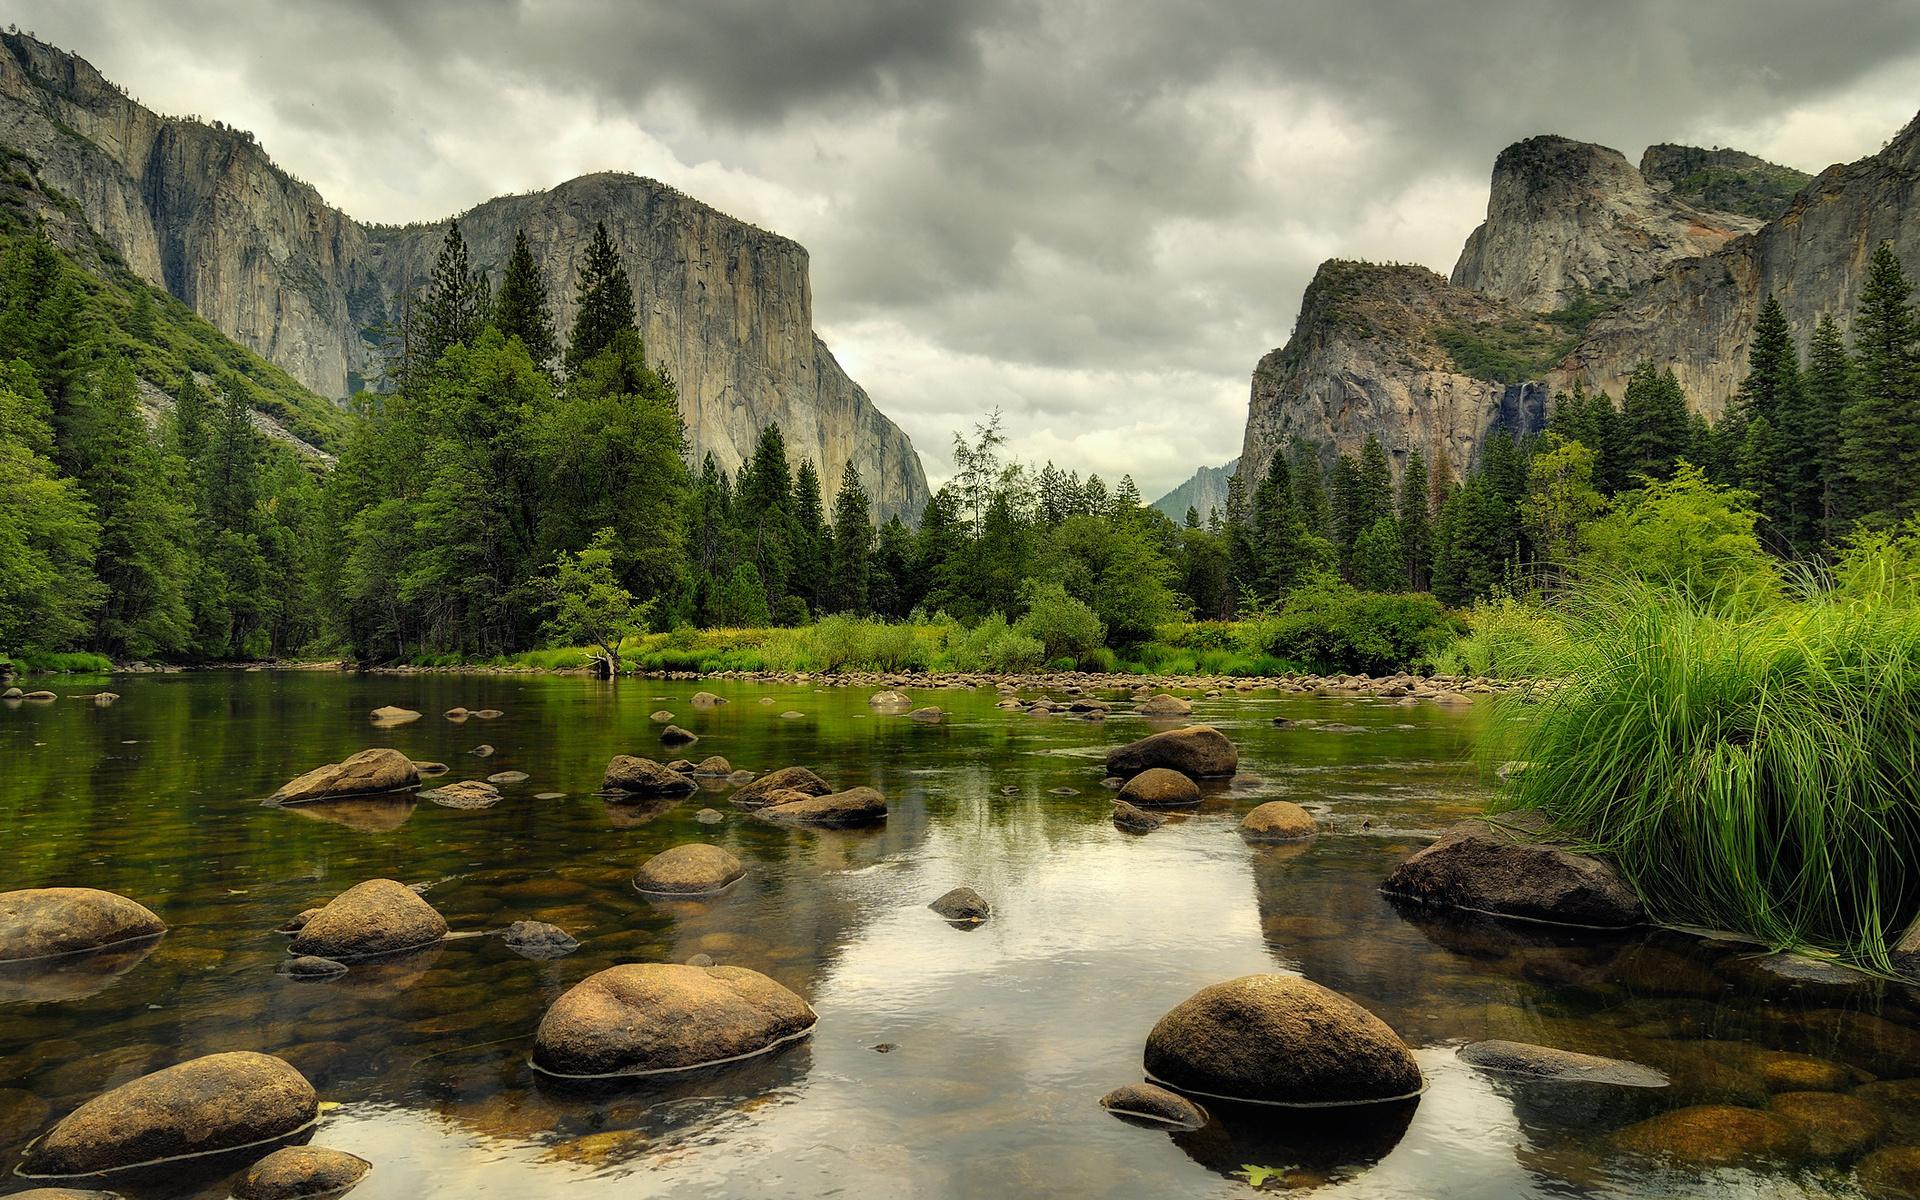 природа горы небо облака река деревья nature mountains the sky clouds river trees  № 1223870 загрузить